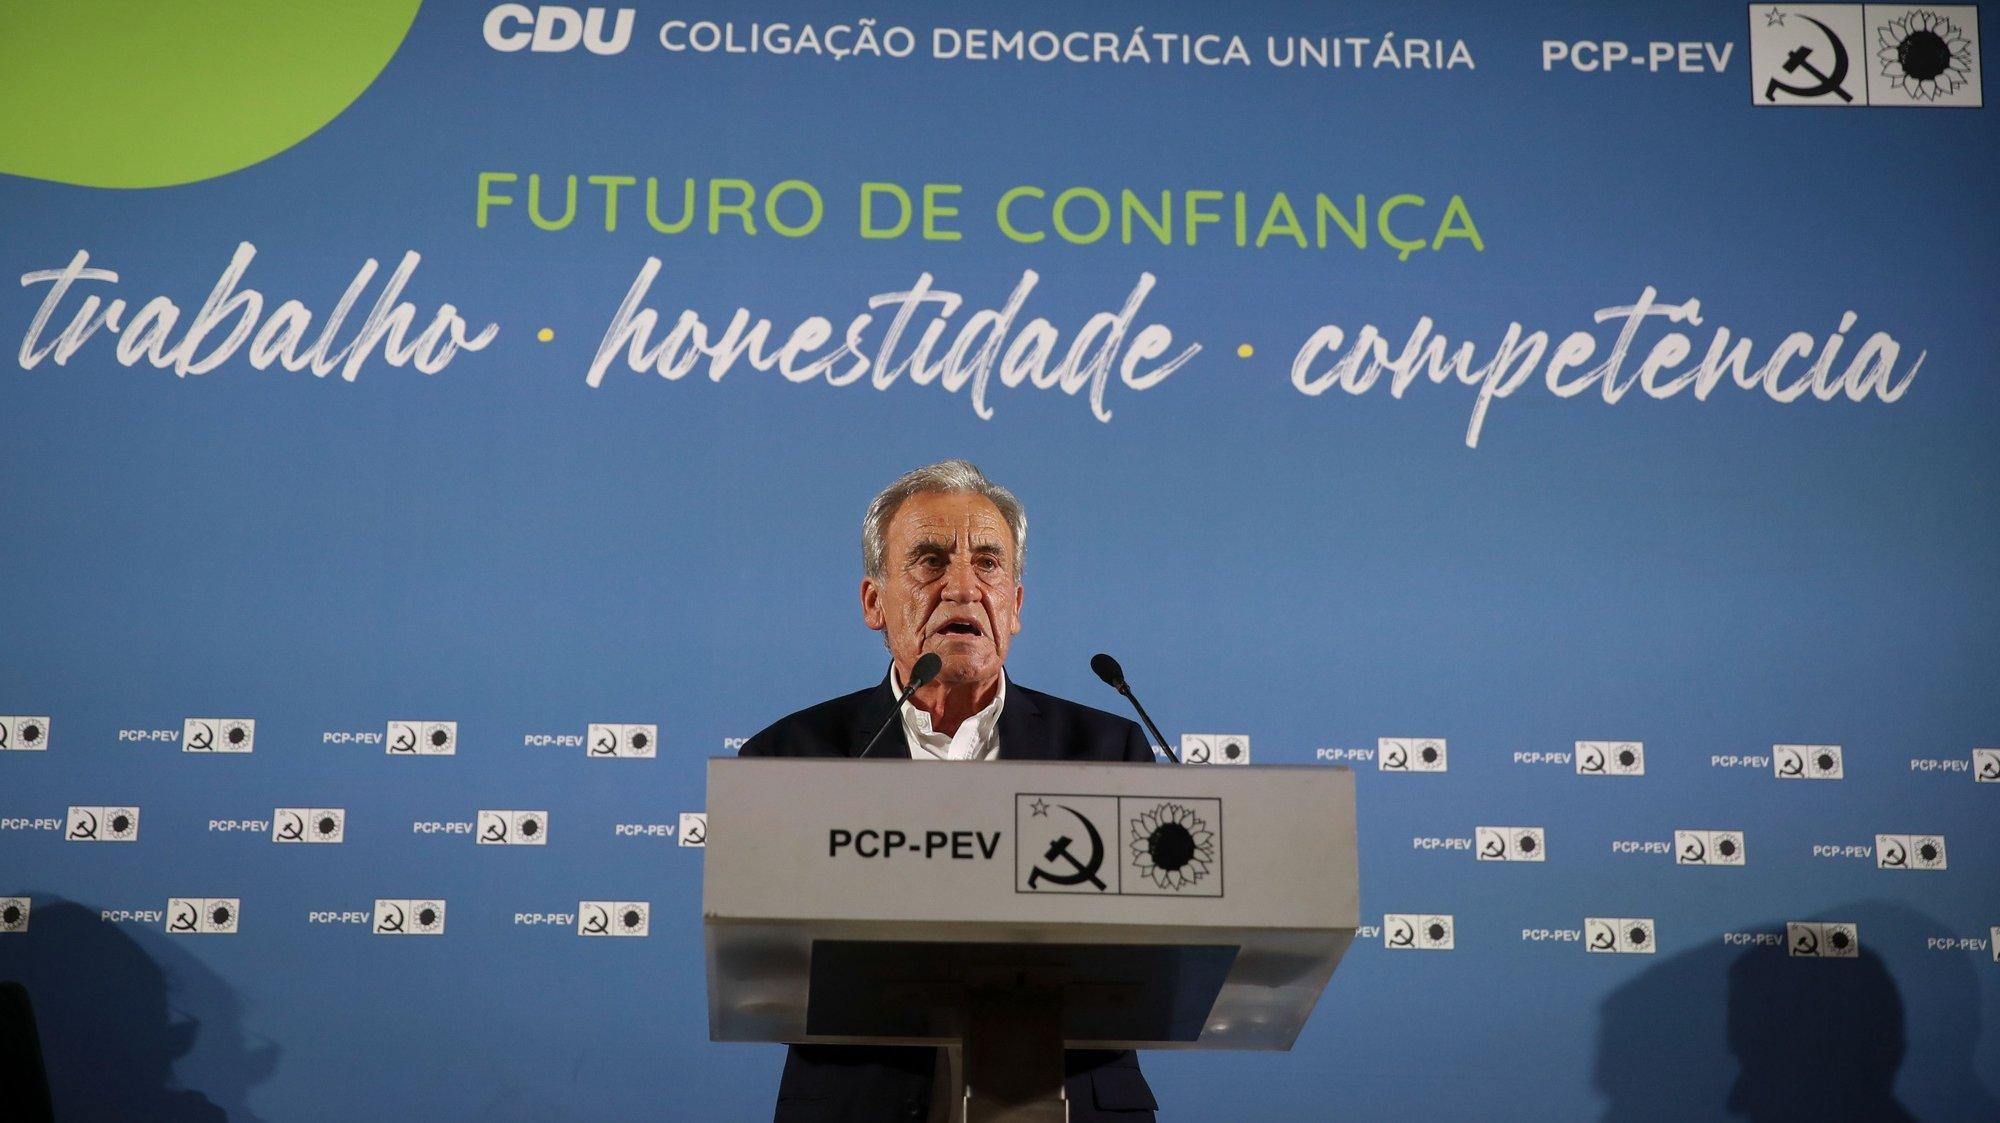 O secretário-geral do Partido Comunista Português, Jerónimo de Sousa,  duscursa durante o comício da Coligação Democrática Unitária (CDU) , no Salão de festas da Associação Humanitária de Bombeiros Voluntários da Amadora, 13 setembro 2021.   MANUEL DE ALMEIDA/LUSA